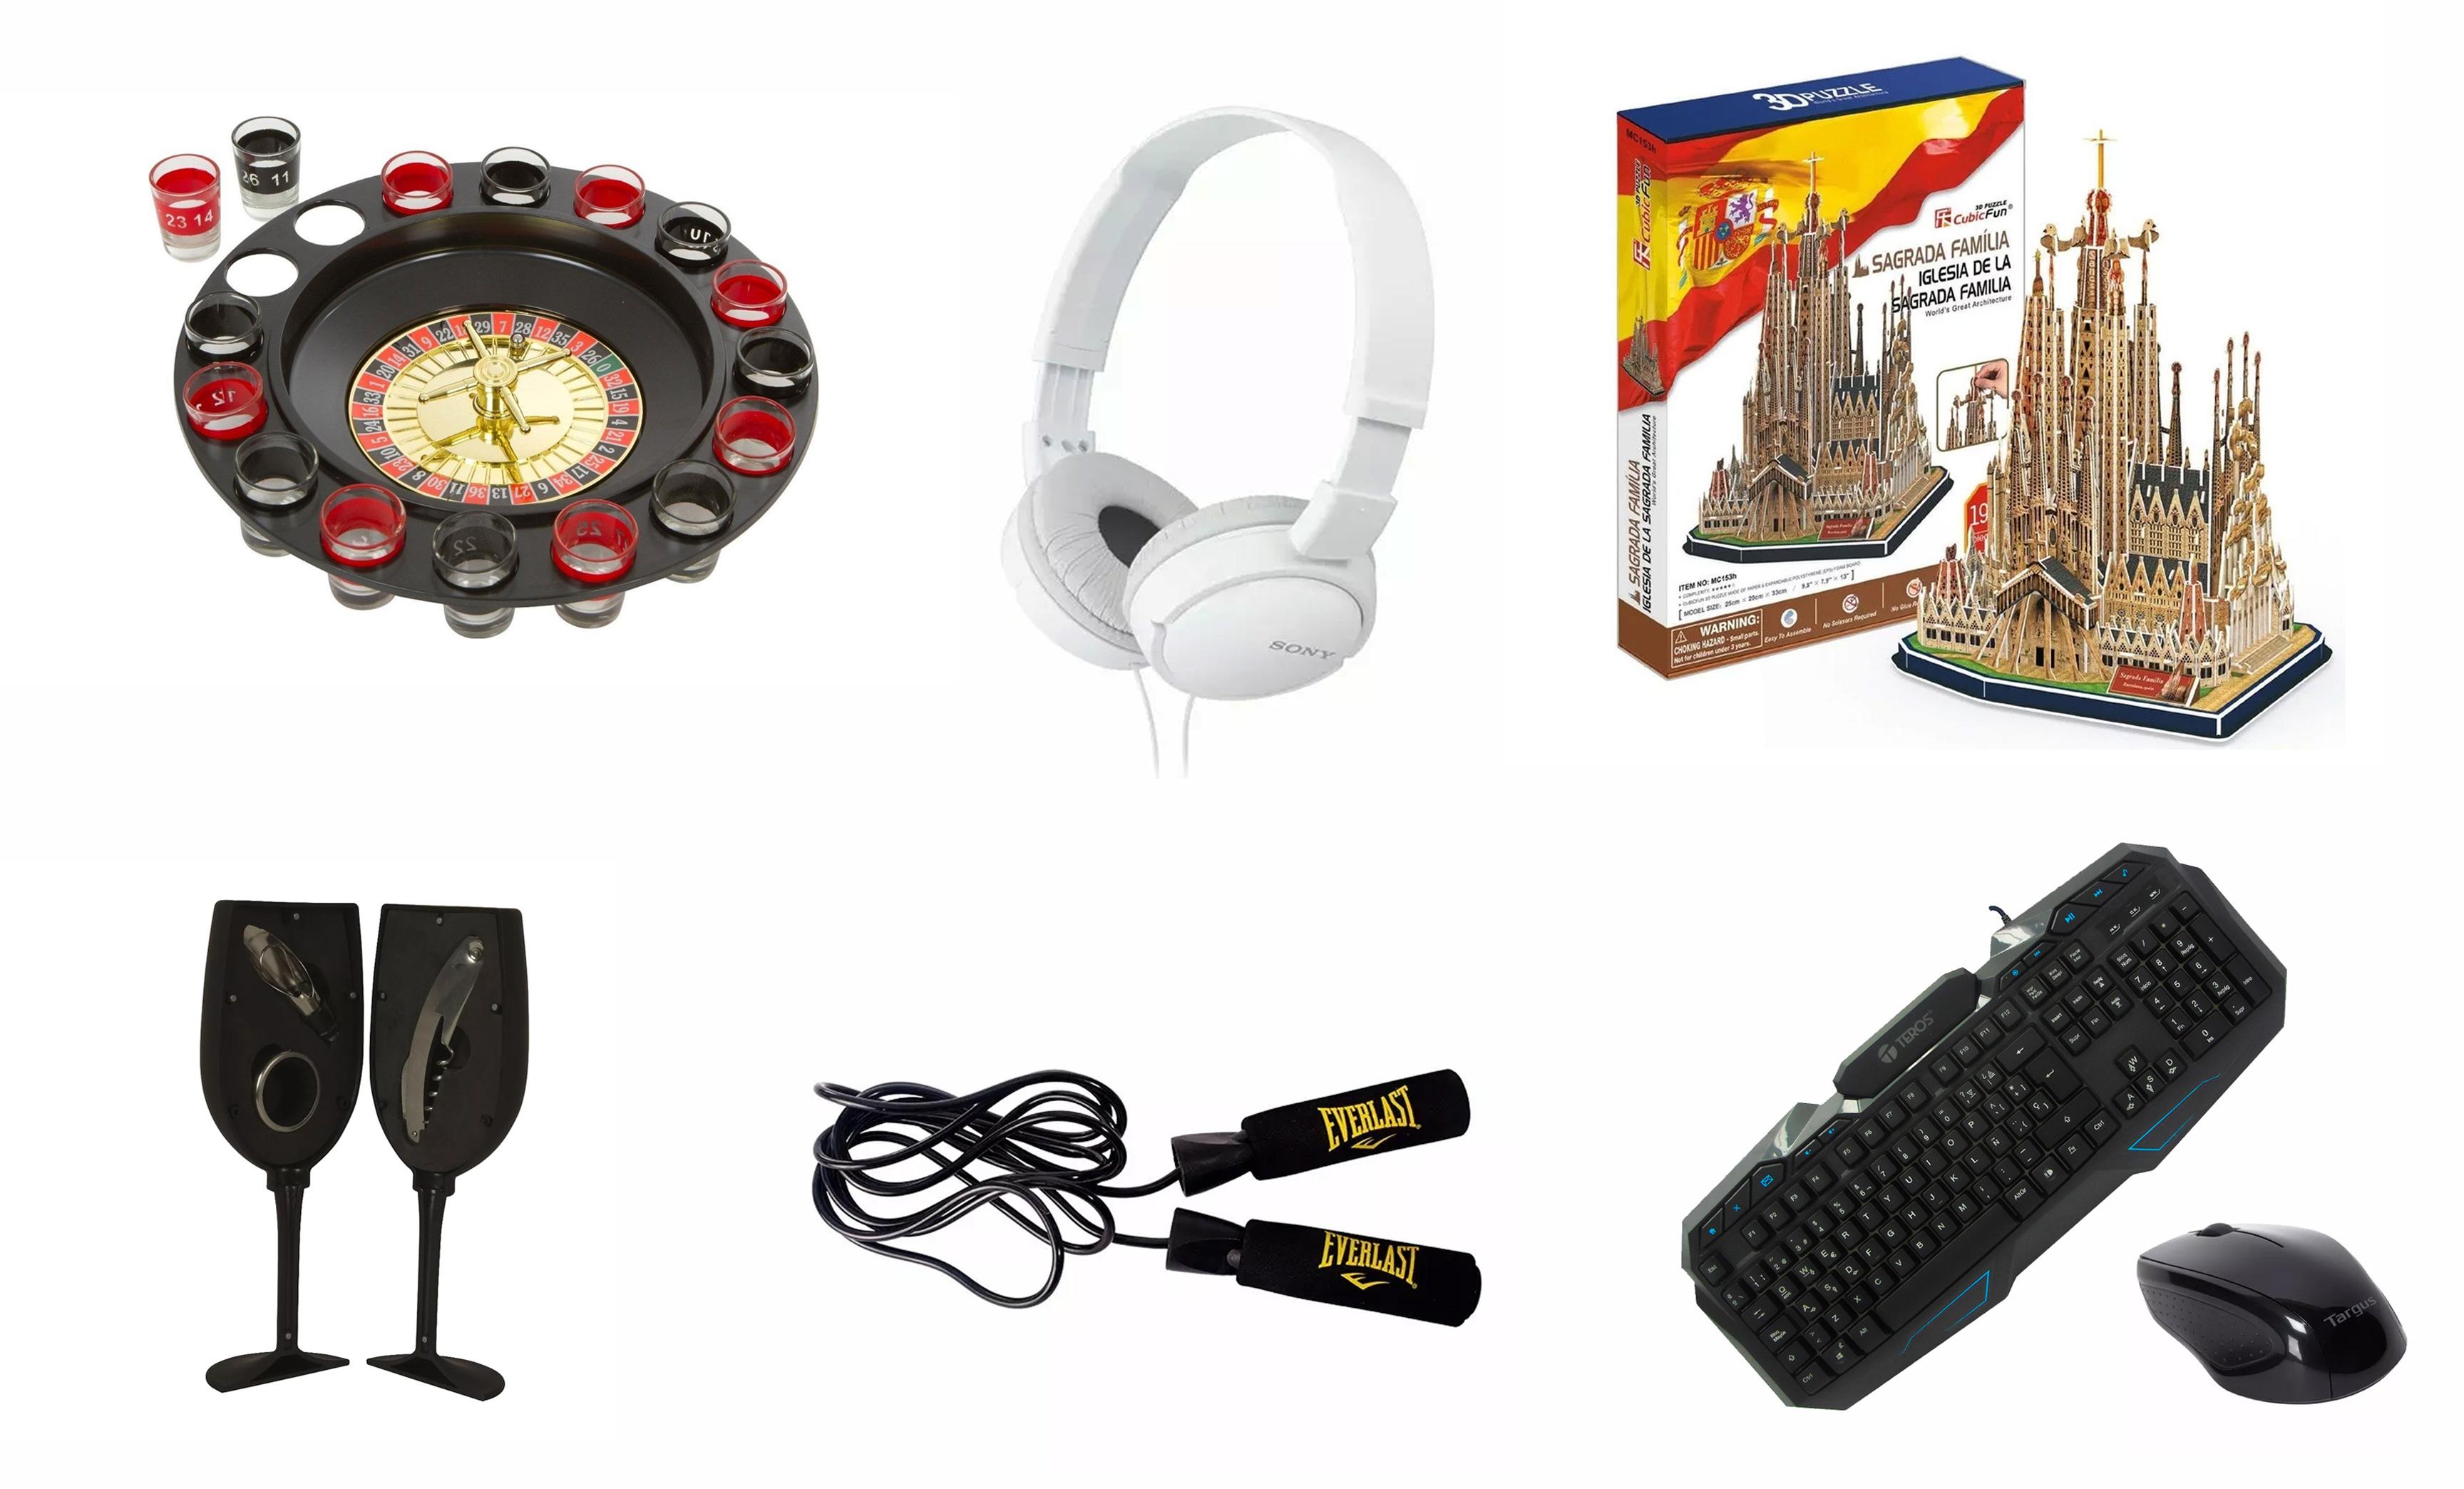 Regalos amigo secreto - Navidad: Diez regalos que puedes comprar en Internet a precio cómodo